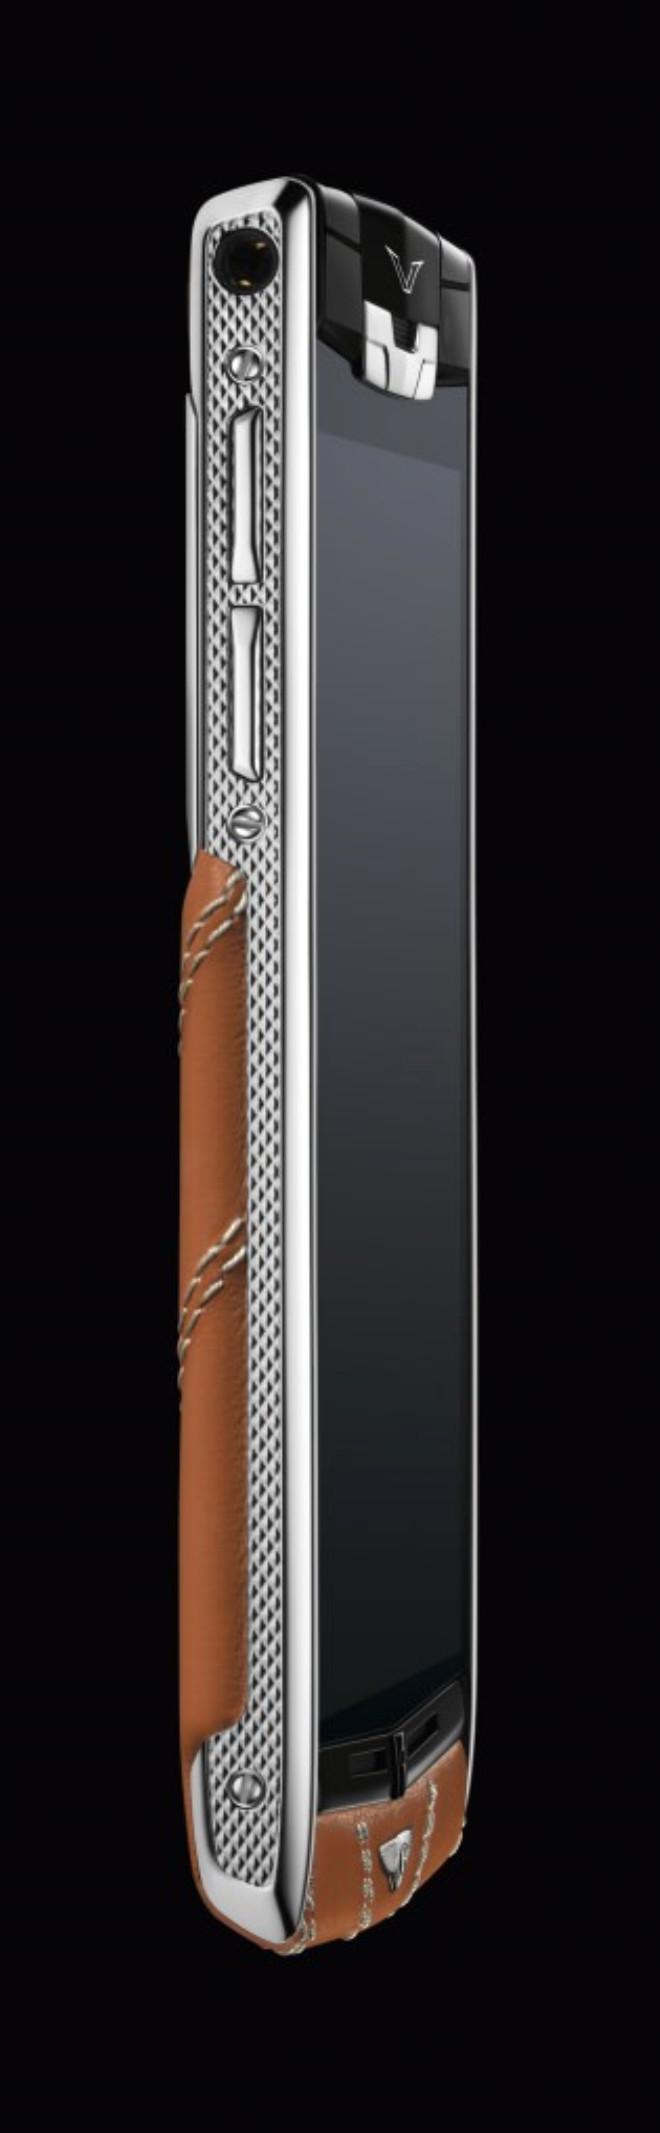 Yeni Lüks Akıllı Telefonla Tanışın: Vertu For Bentley